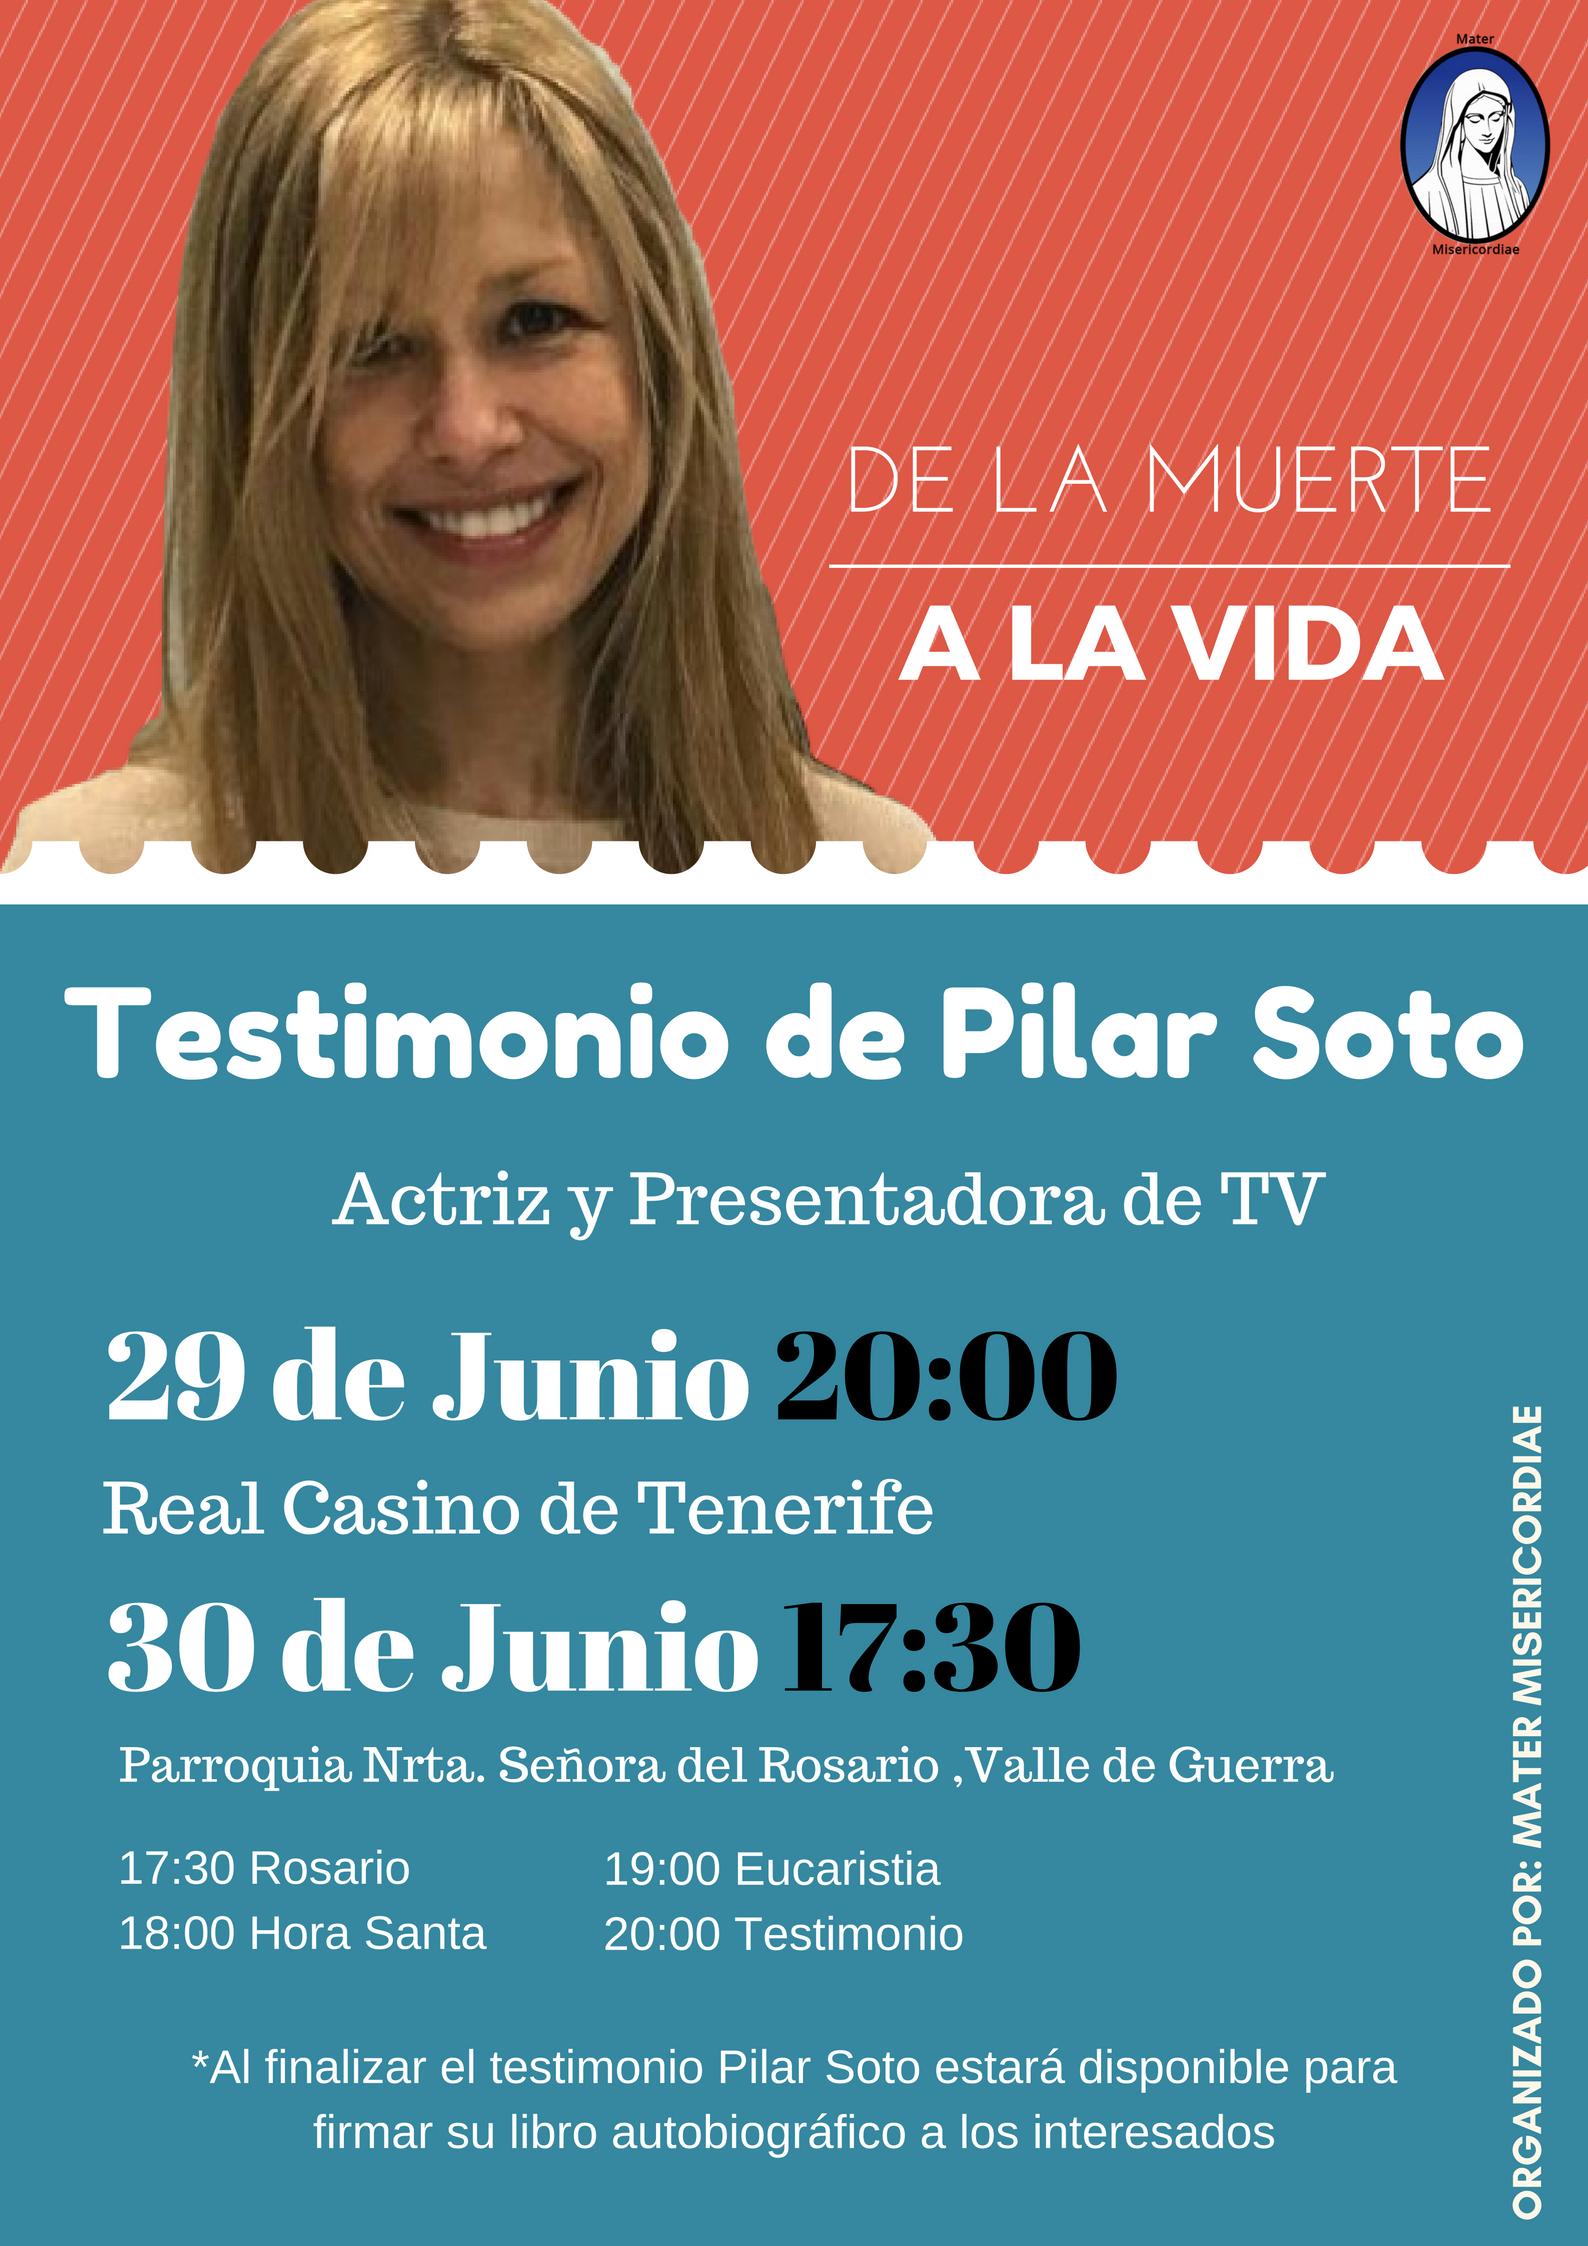 Testimonio de Pilar Soto